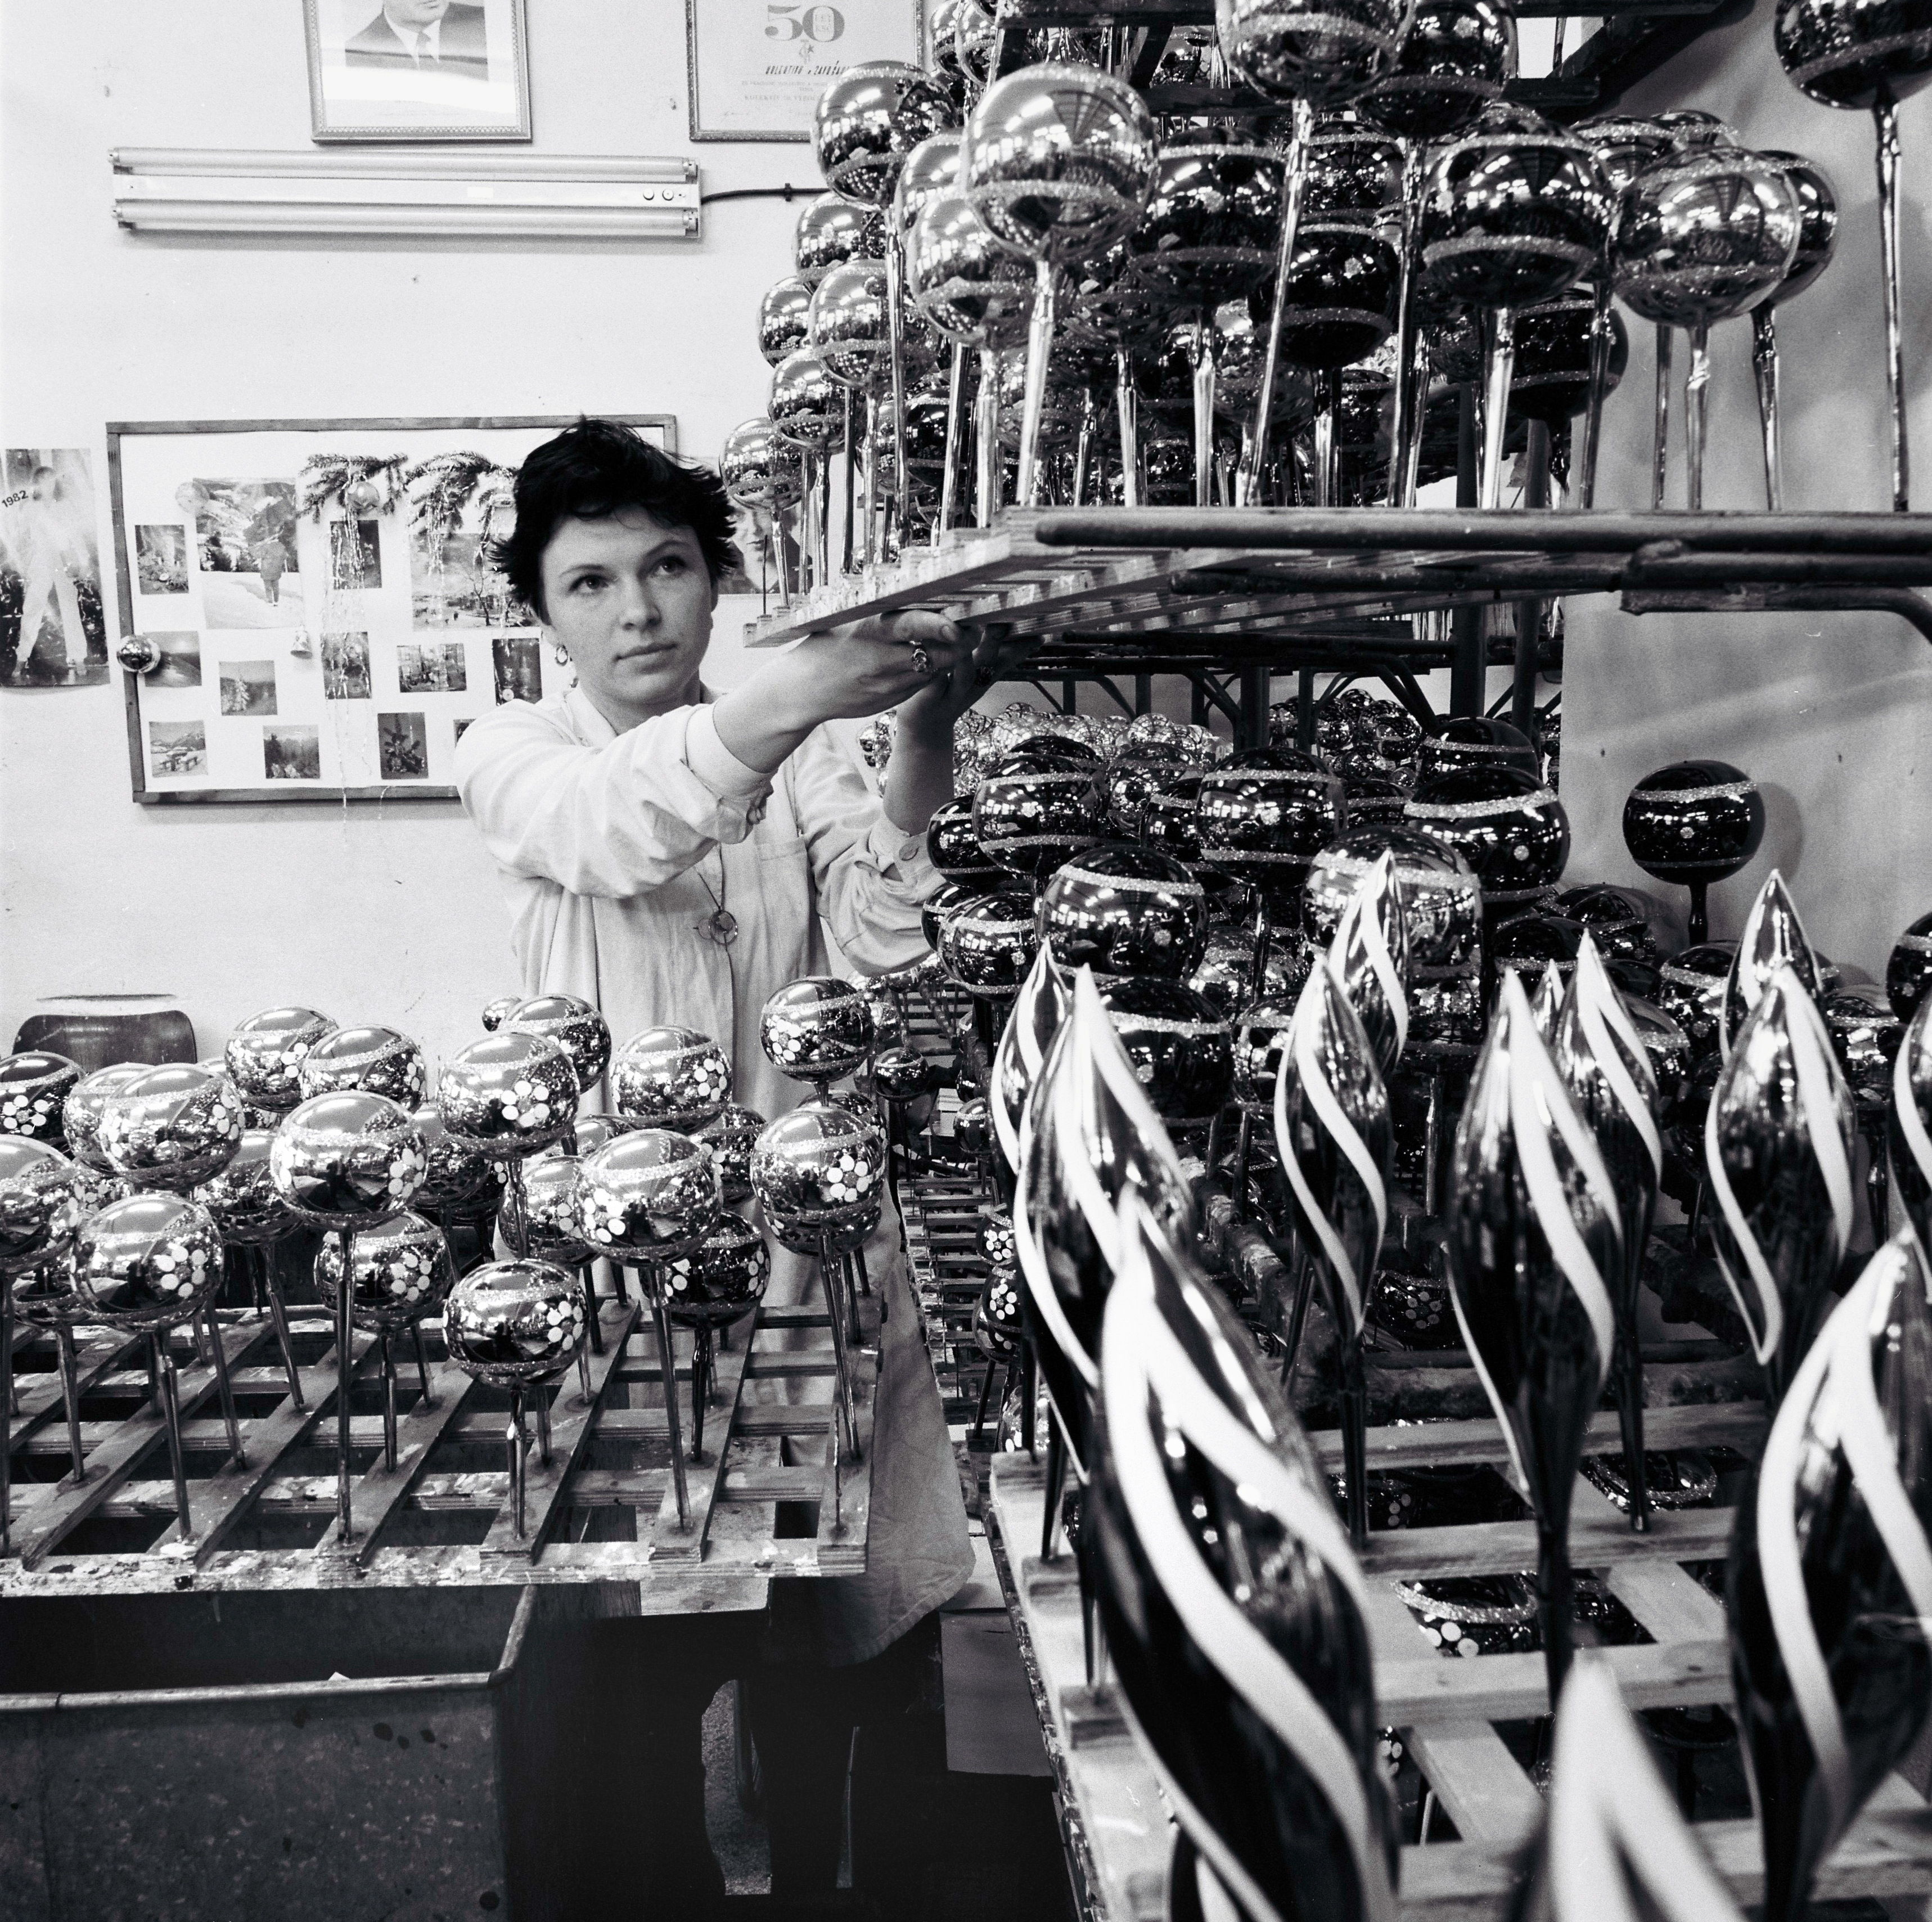 Na archívnej snímke z 15. decembra 1982 pohľad do dielne OKRASA v Čadci, kde Vieroslava Boáňová odkladá paletu s vyzdobenými  bankami.